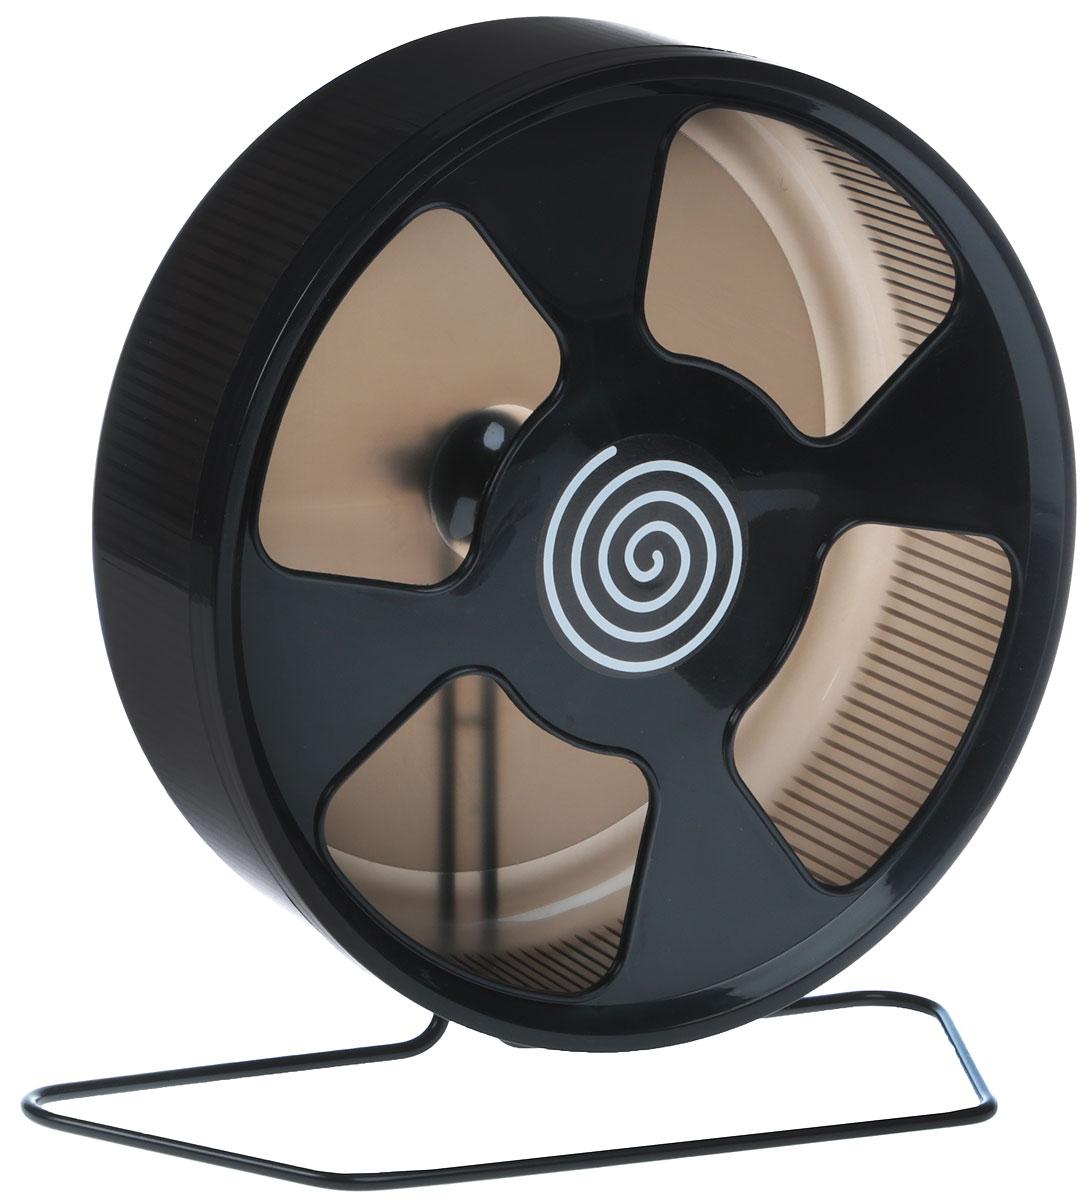 Колесо для грызунов Trixie, на подставке, цвет: черный, диаметр 28 см